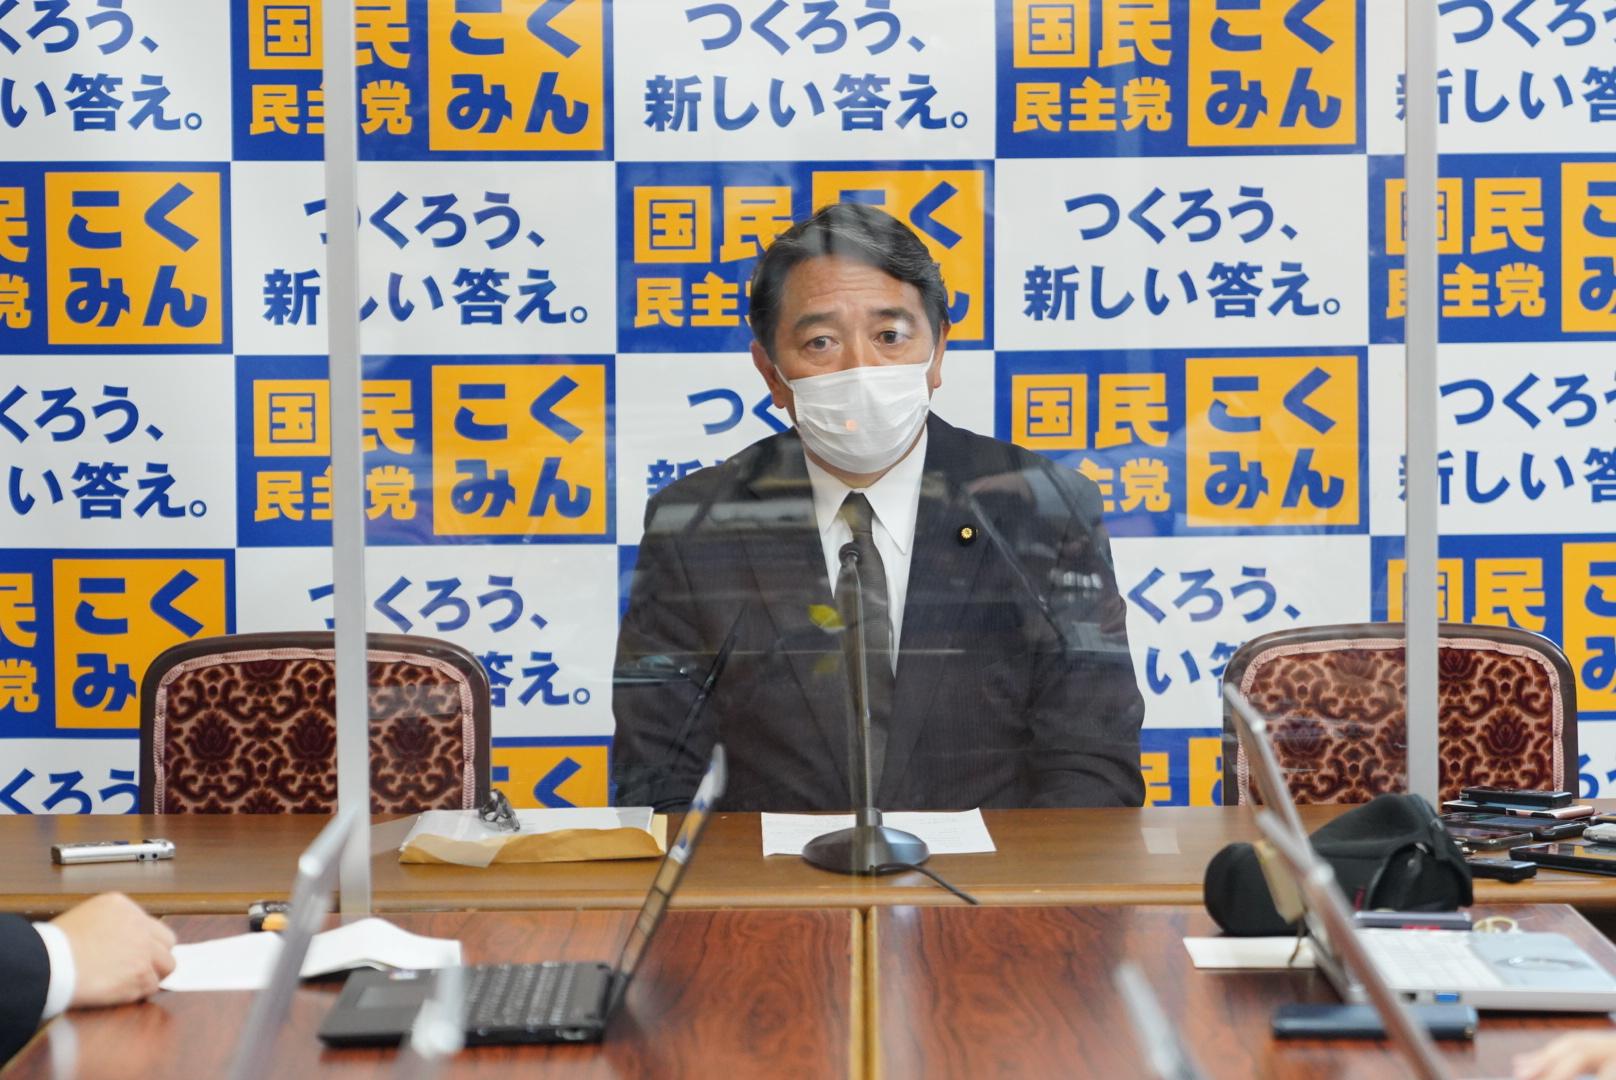 国民民主党 幹事長定例会見(2021年9月8日)